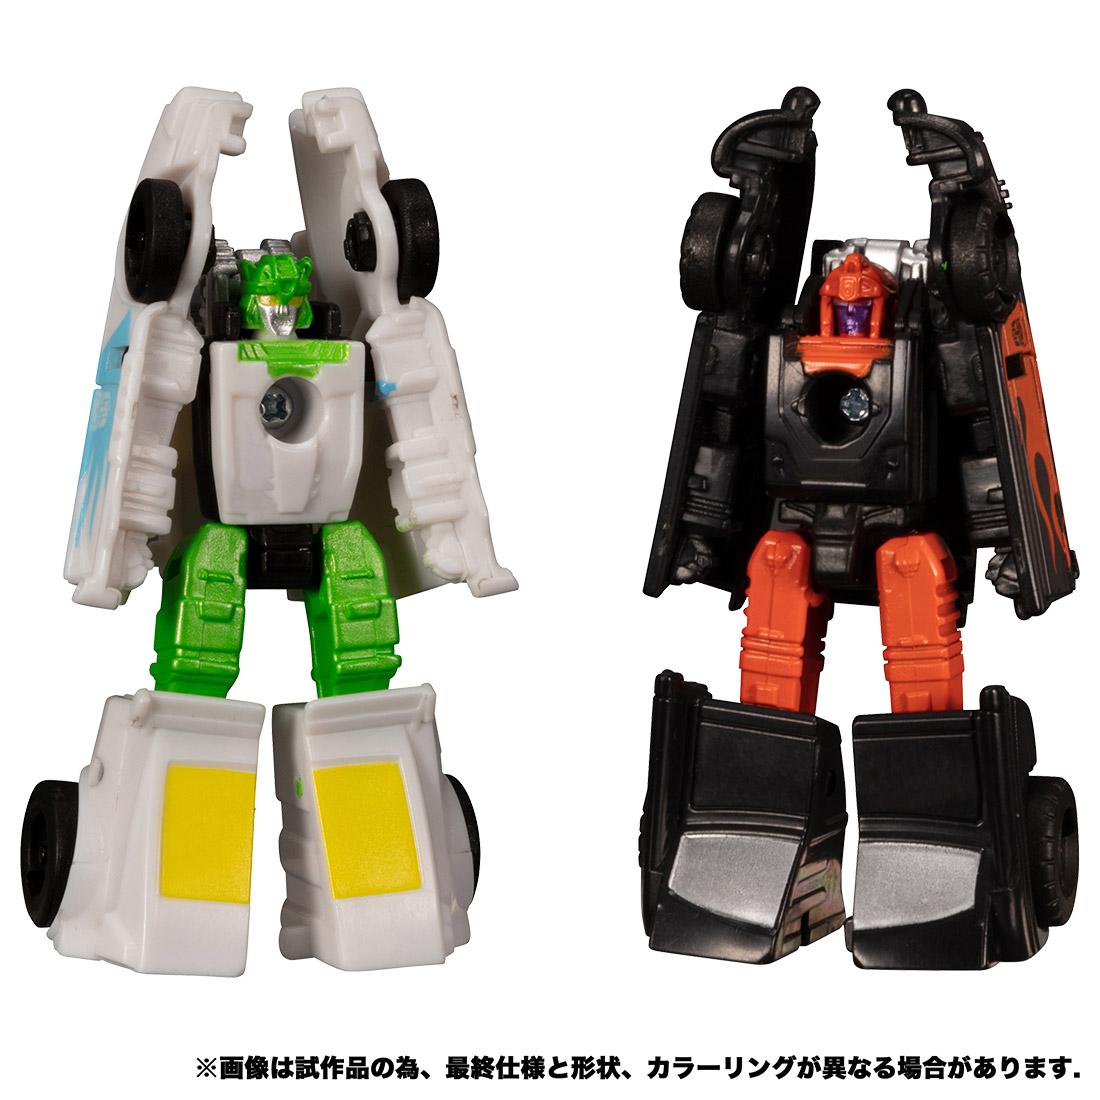 【限定販売】トランスフォーマー アースライズ『ER EX-03 トリップアップ&ダディーオー』可変可動フィギュア-001